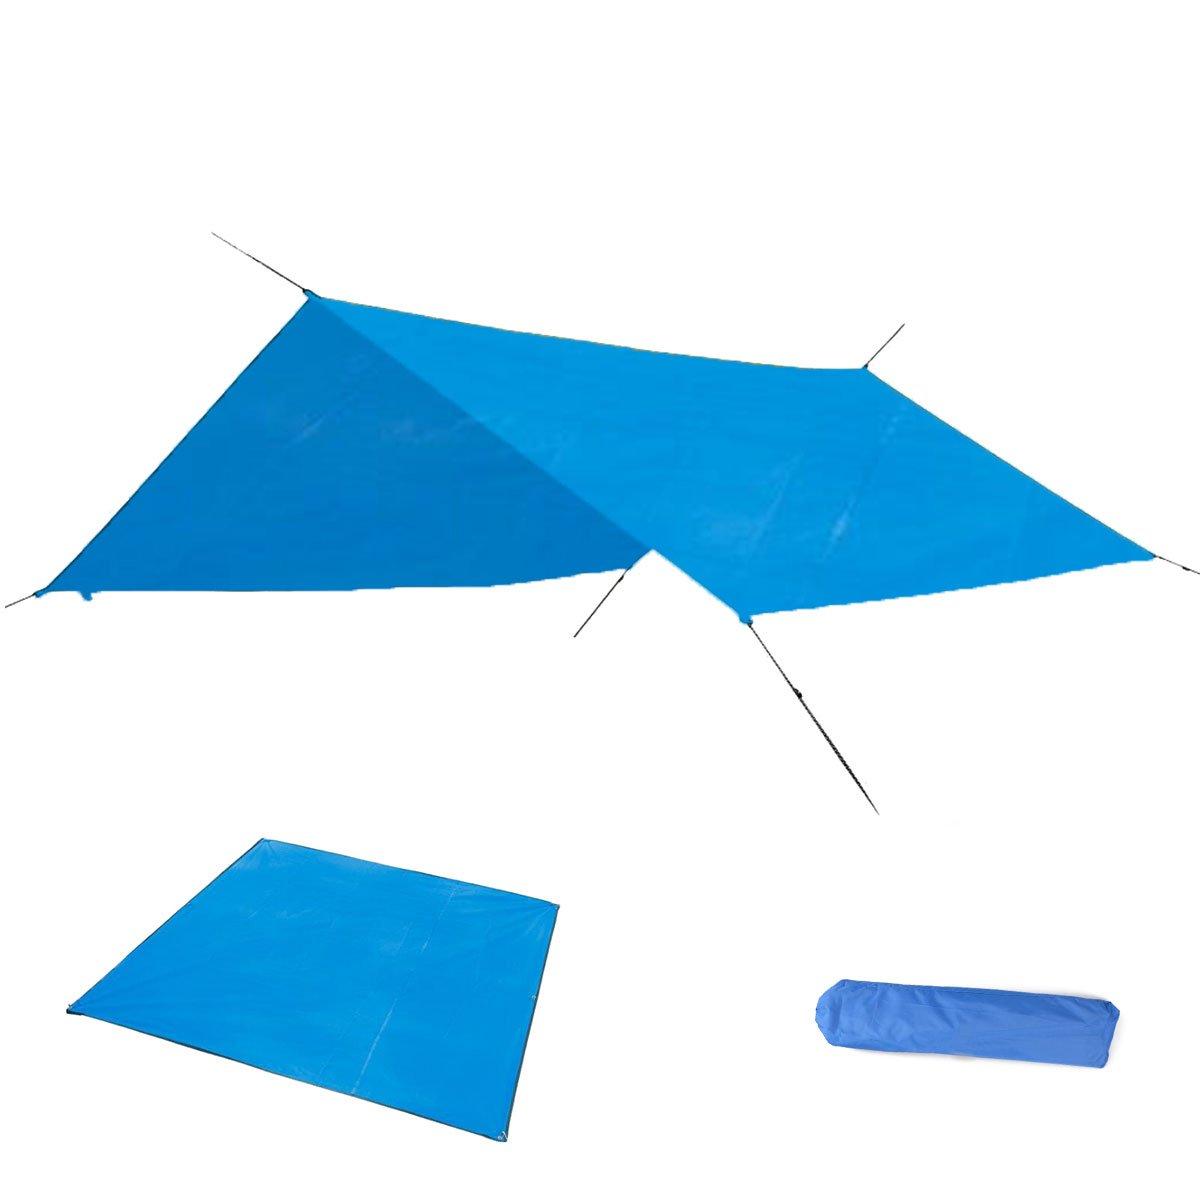 Azarxis Wasserdichte Zeltunterlage, Vorzeltteppich Picknickdecke Stranddecke Camping Matte wasserdurchlässige und Wasserfeste für Markisen Camping